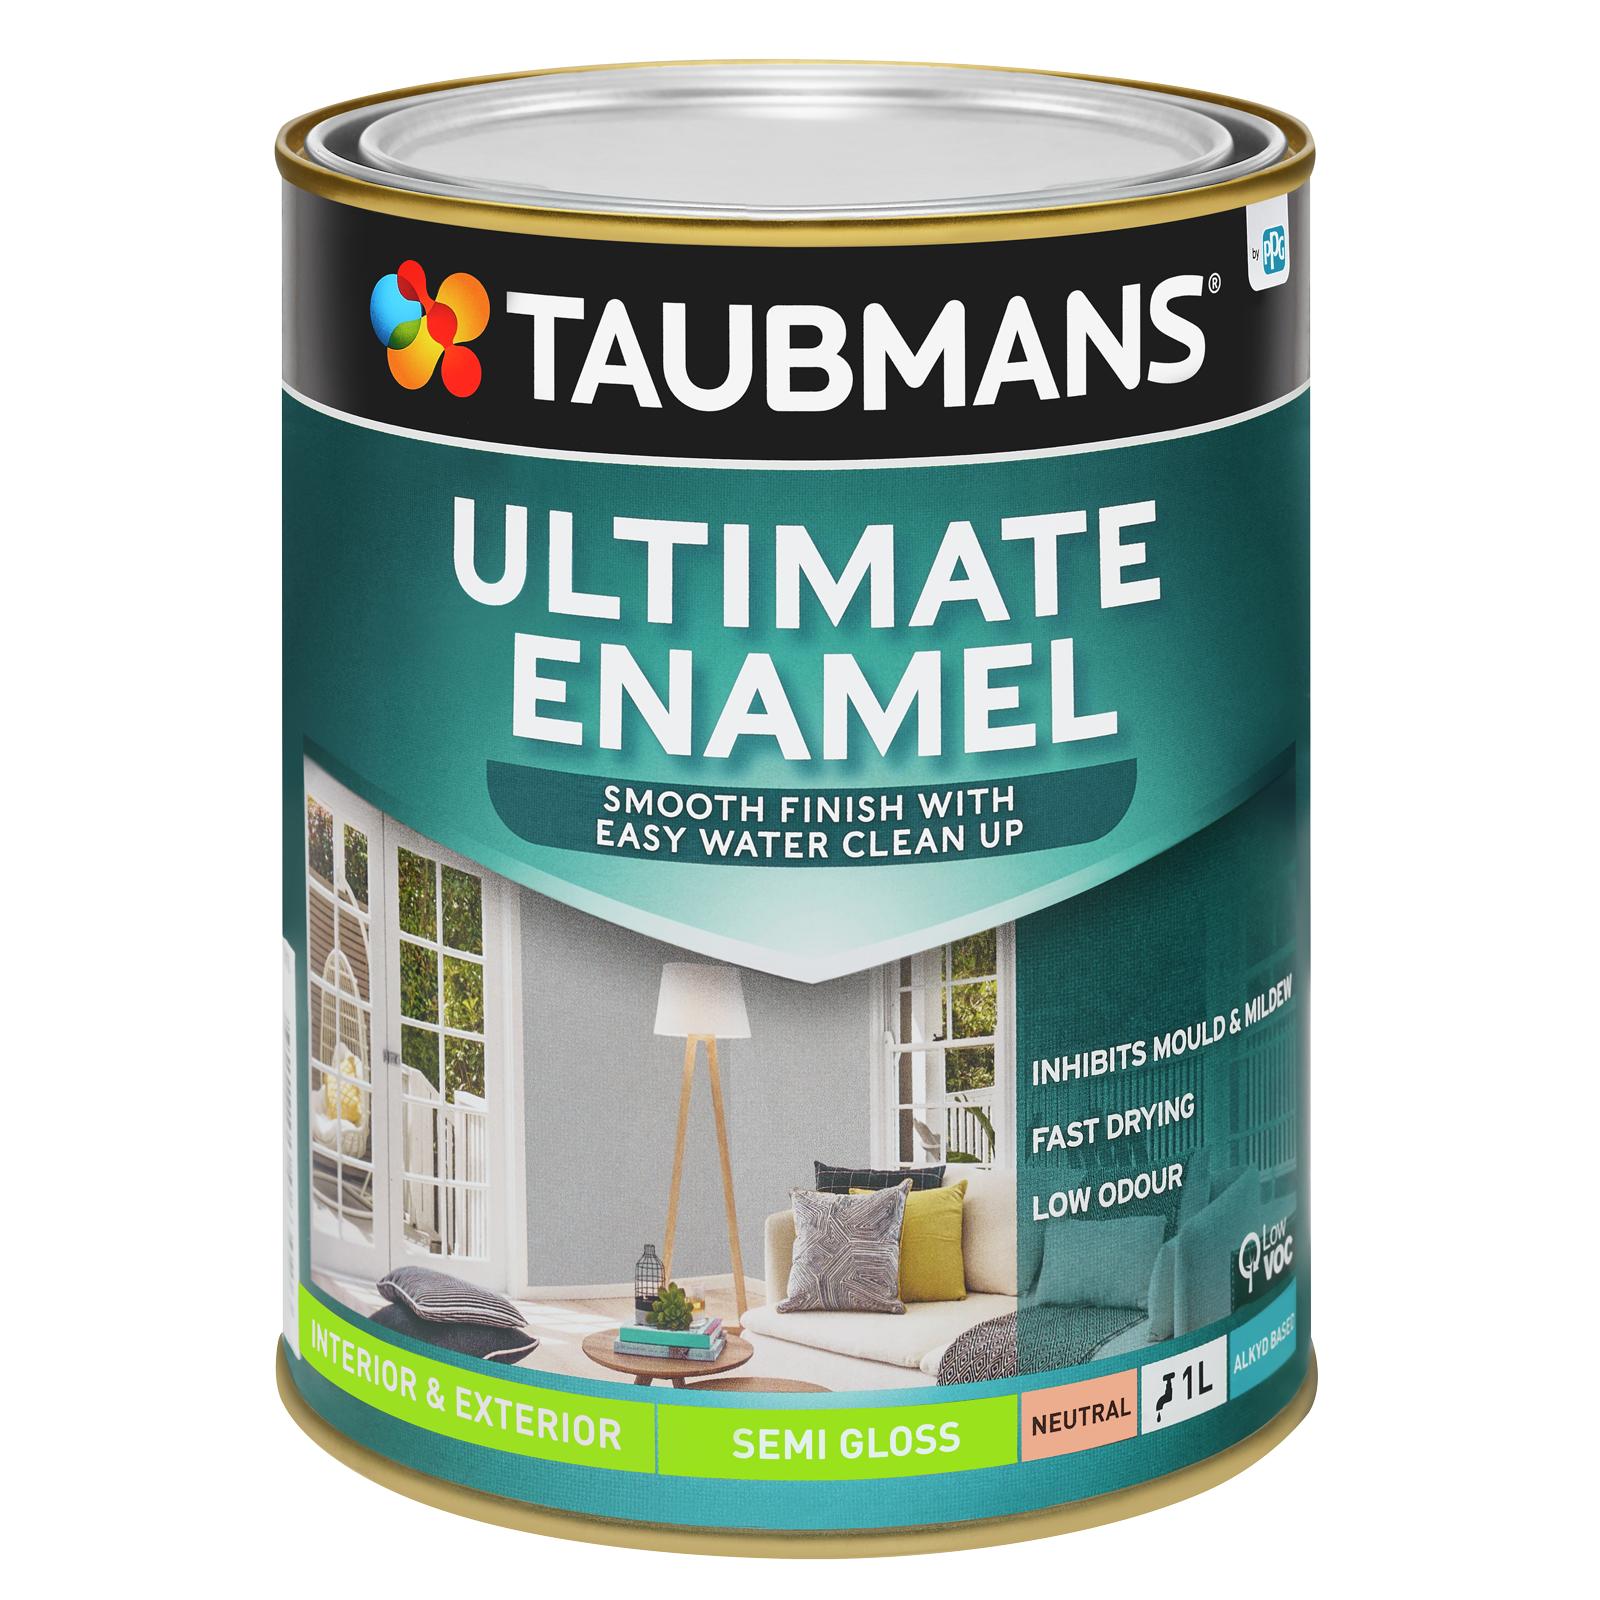 Taubmans Ultimate Enamel Neutral Semi Gloss Enamel - 1L